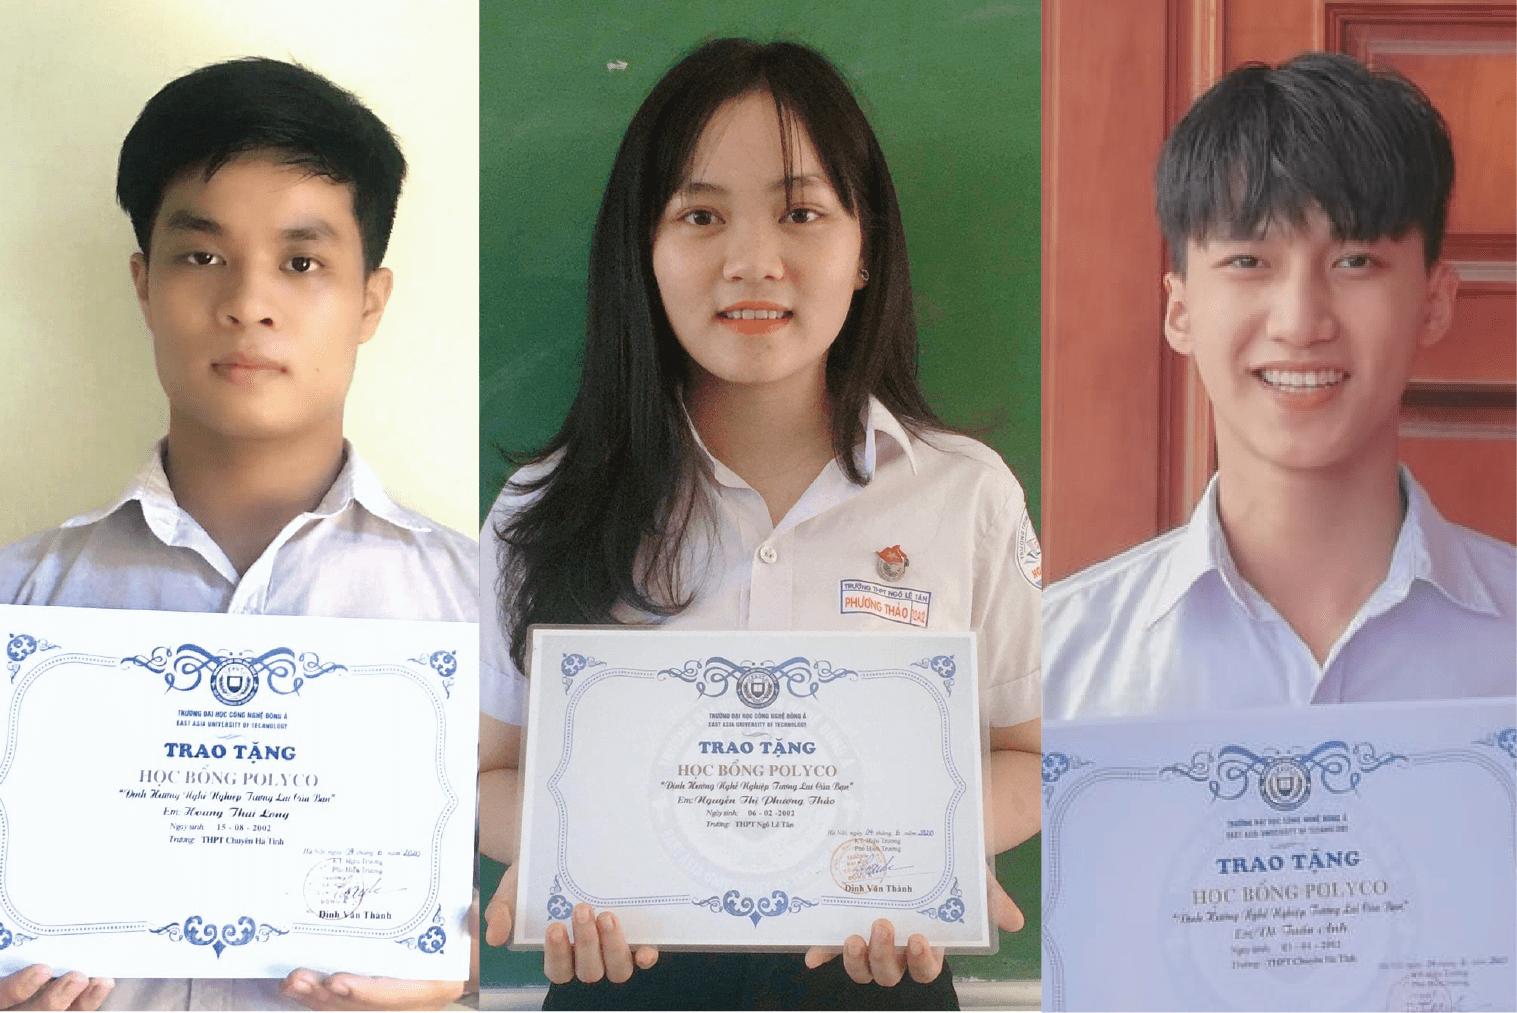 (Tiếng Việt) Học bổng đại học – Giấc mơ Đại học Công nghệ Đông Á trong tầm tay